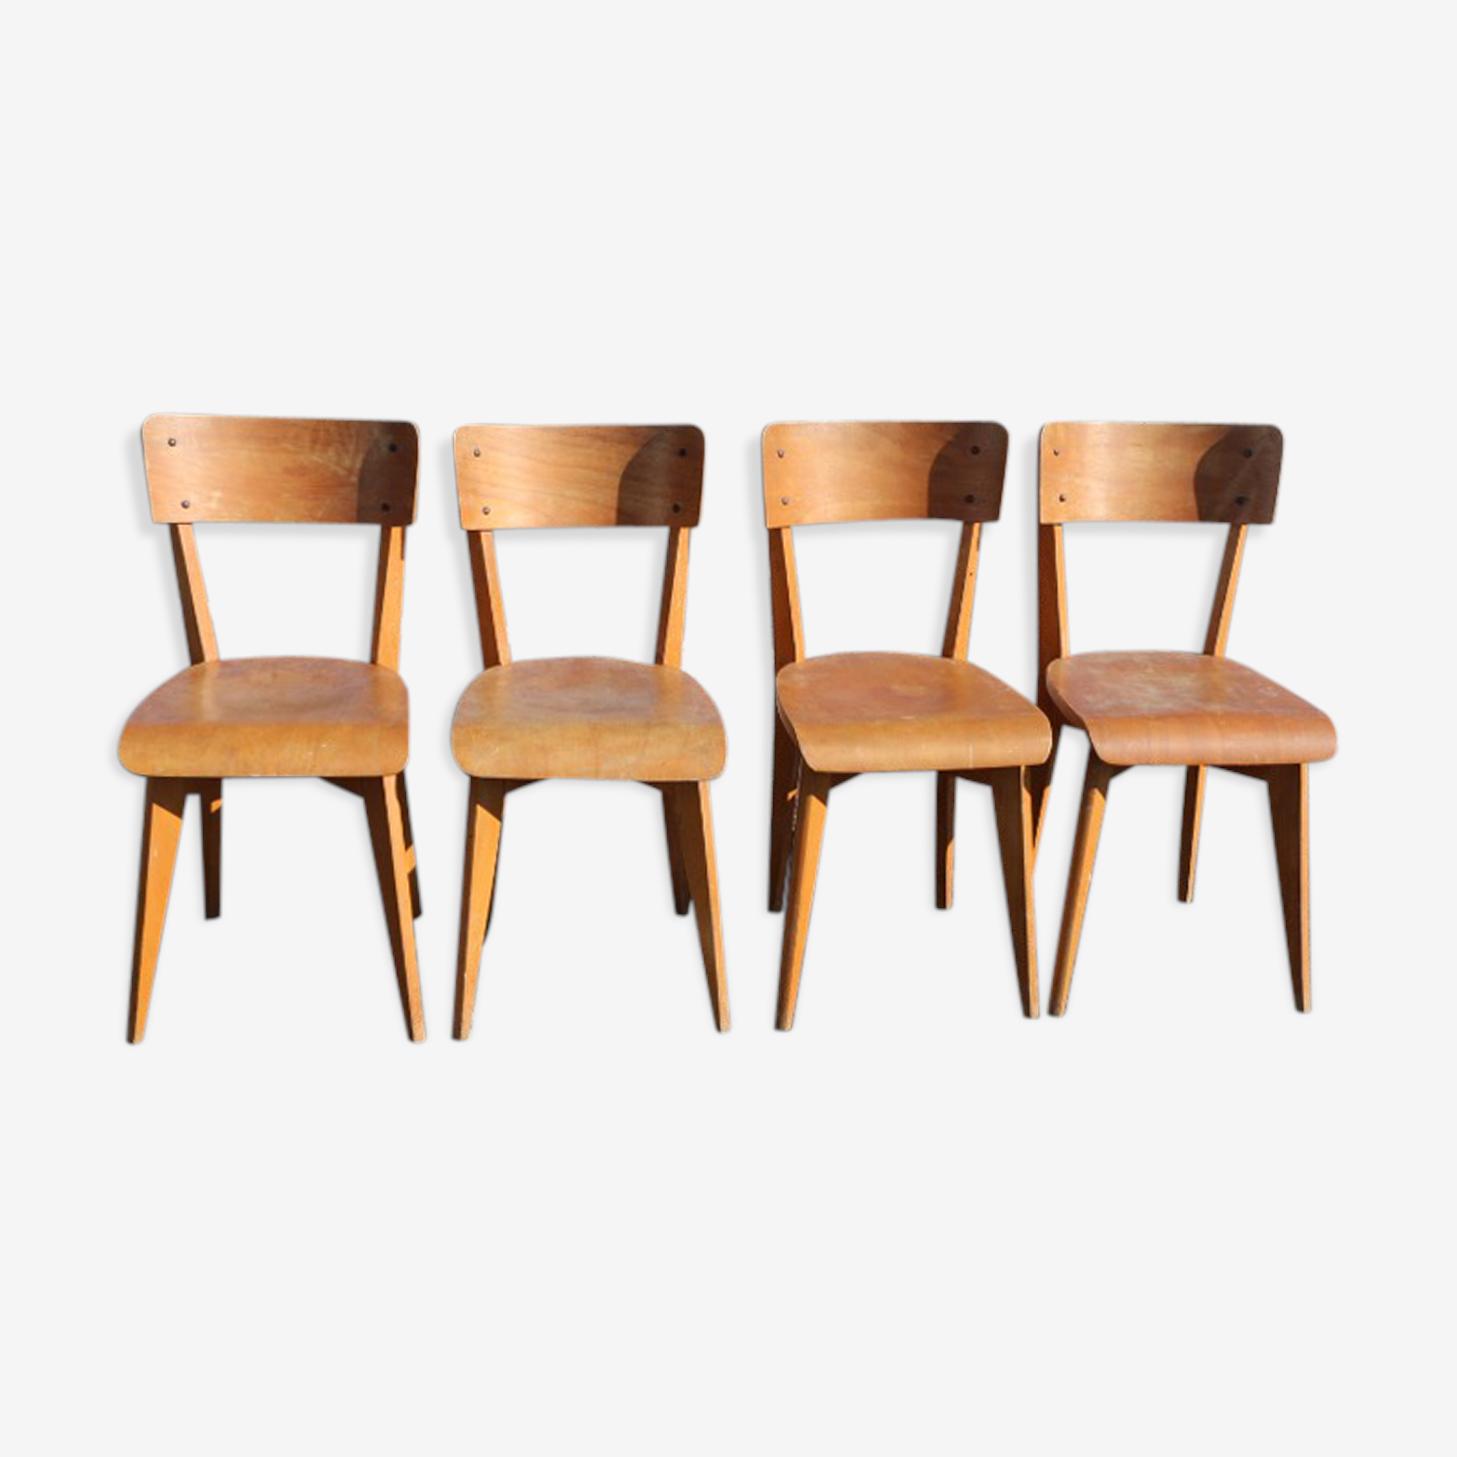 4 chaises 1950 bois hêtre clair